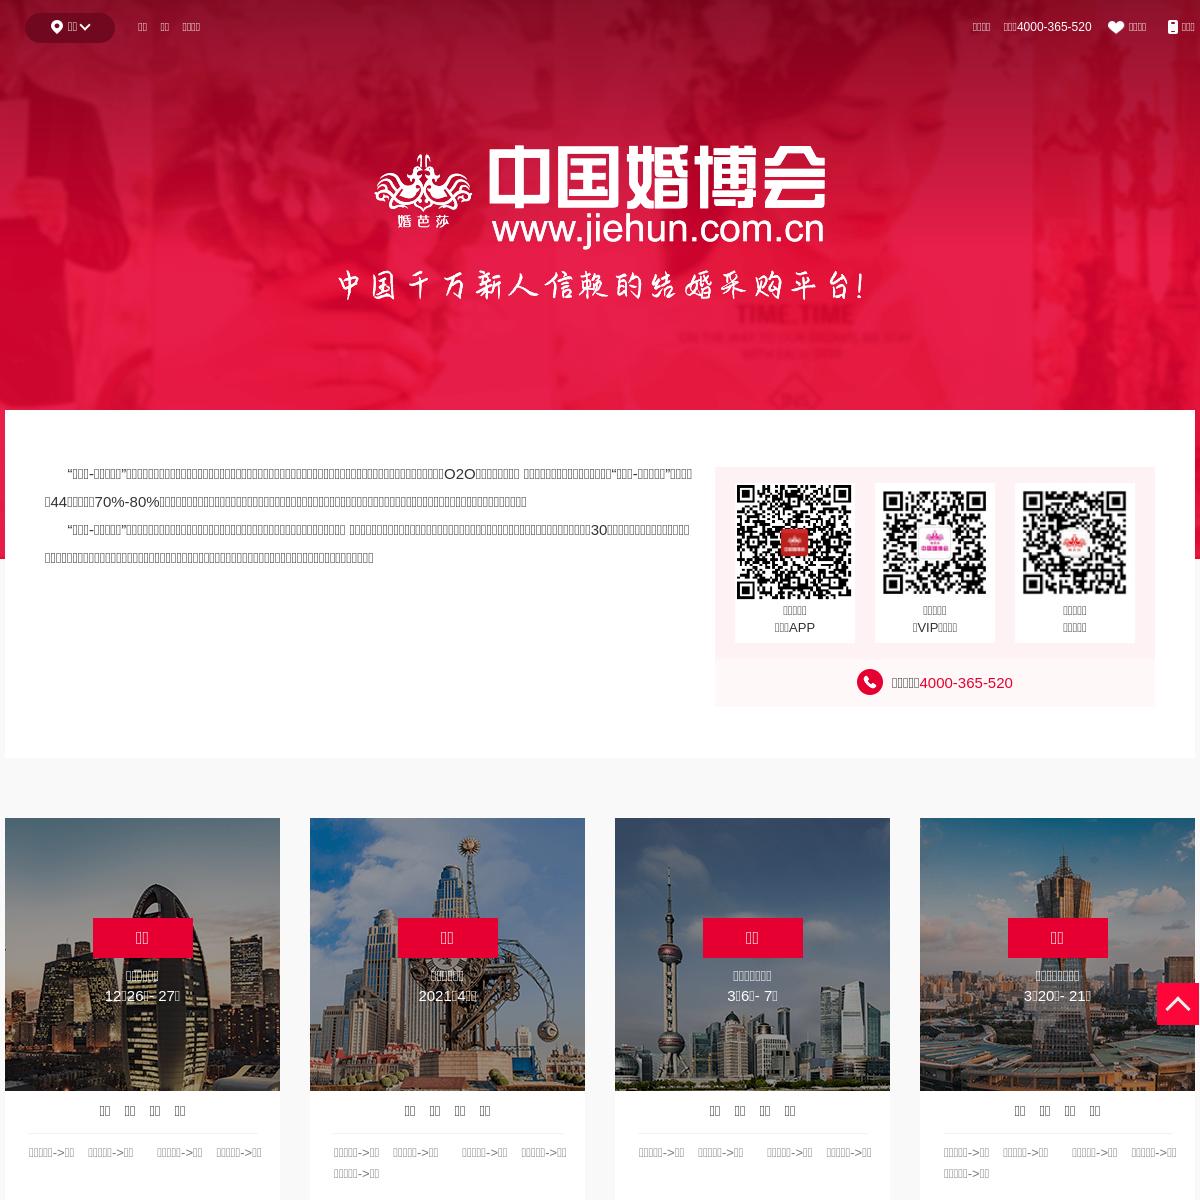 婚芭莎·中国婚博会 - 中国千万新人信赖的结婚采购品质平台